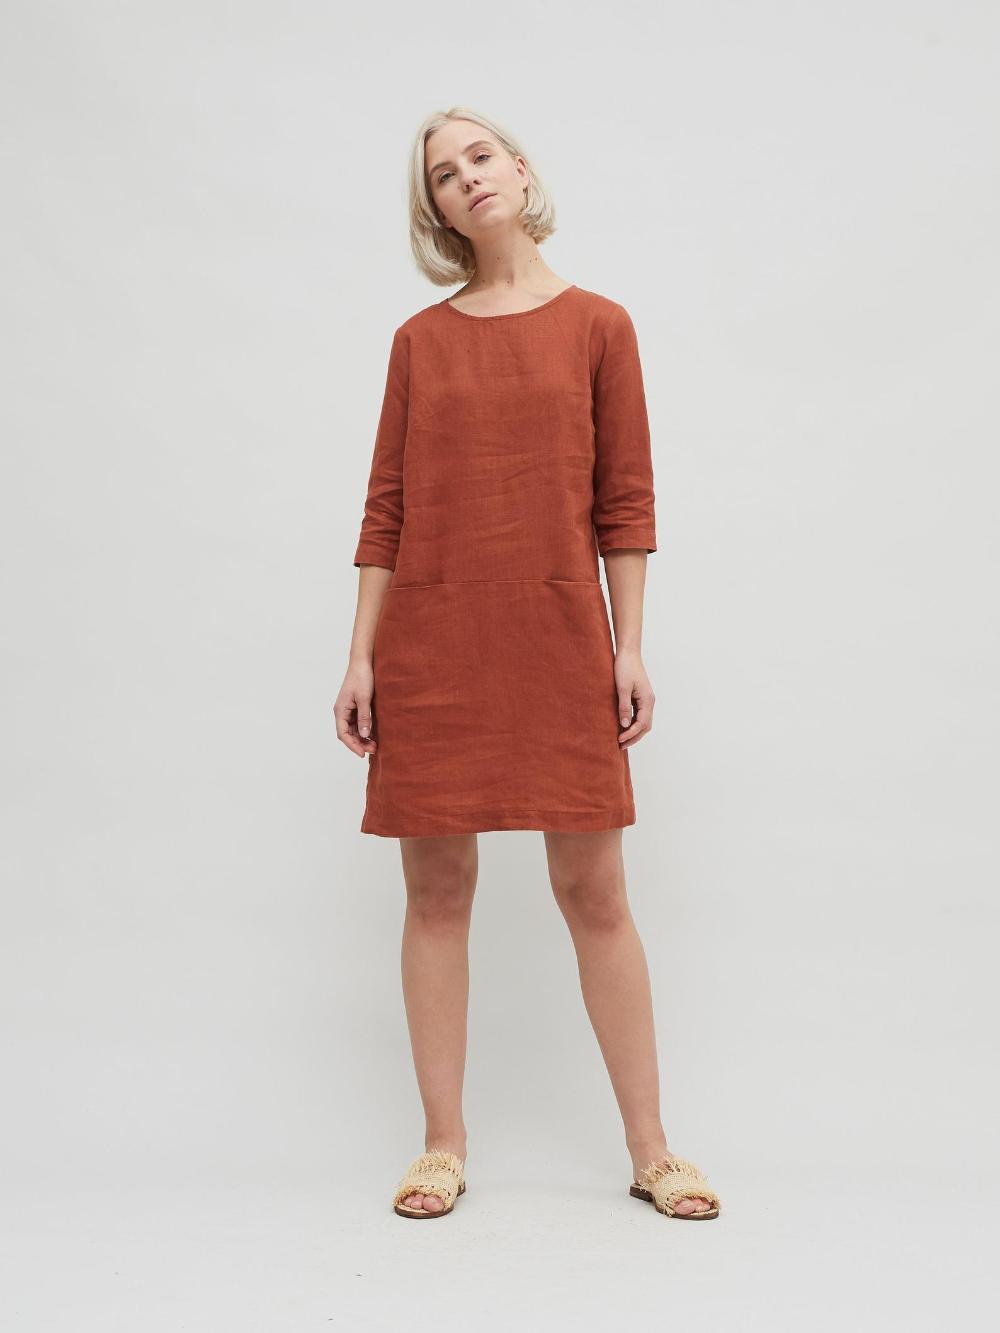 Linen dress/ Minimal linen dress/ Linen tunic/ Minimal linen tunic/ Washed linen dress/ Linen clothes/ Loose dress #linentunic